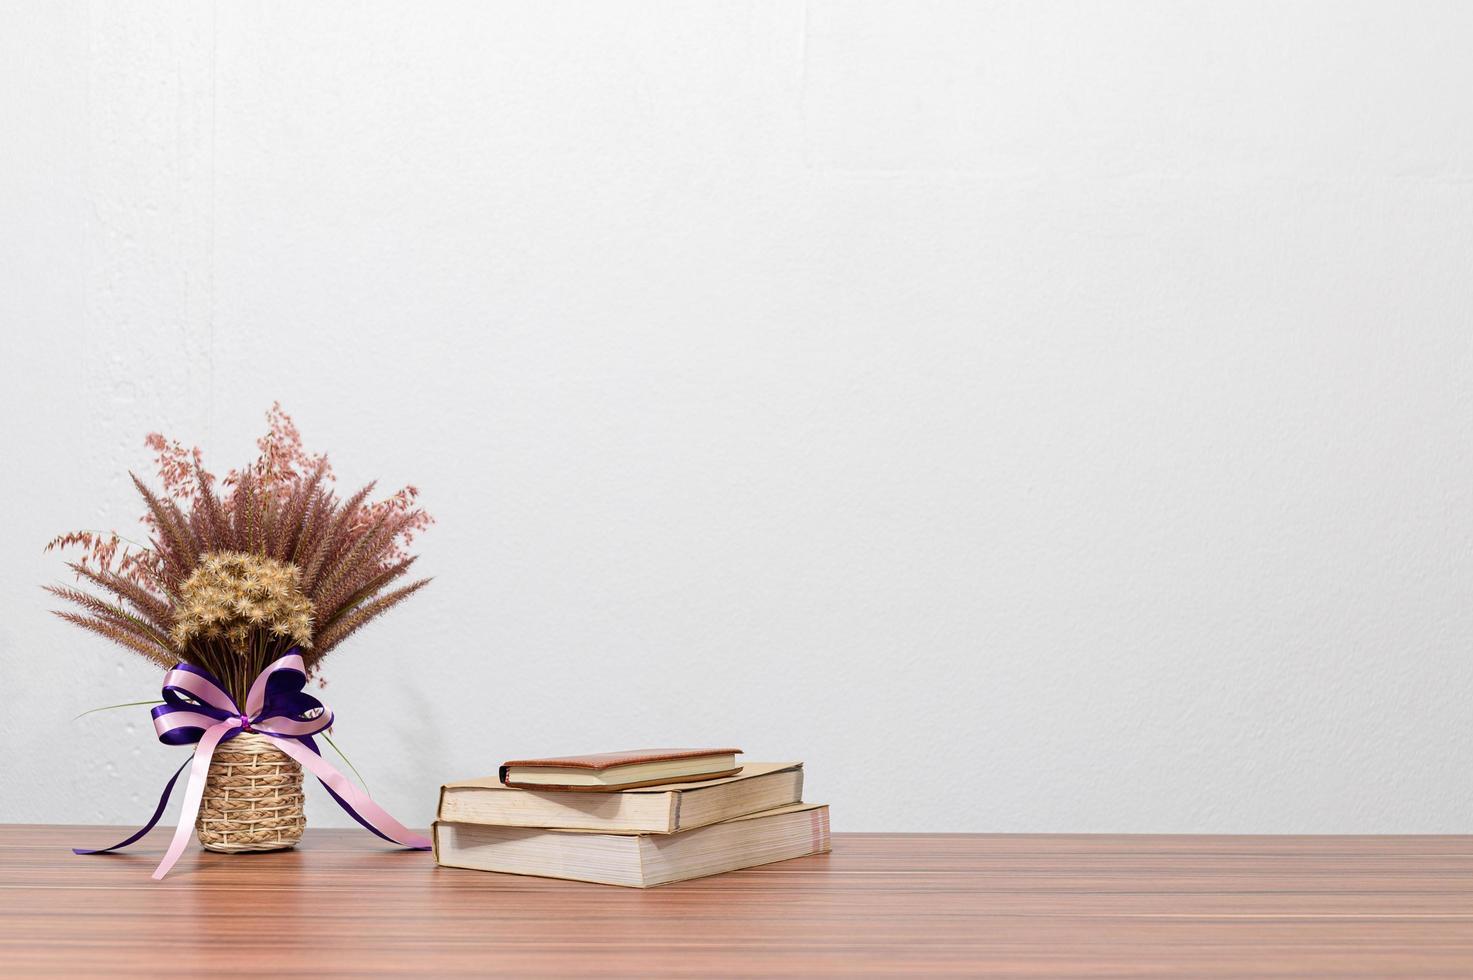 fiori e libri sulla scrivania foto